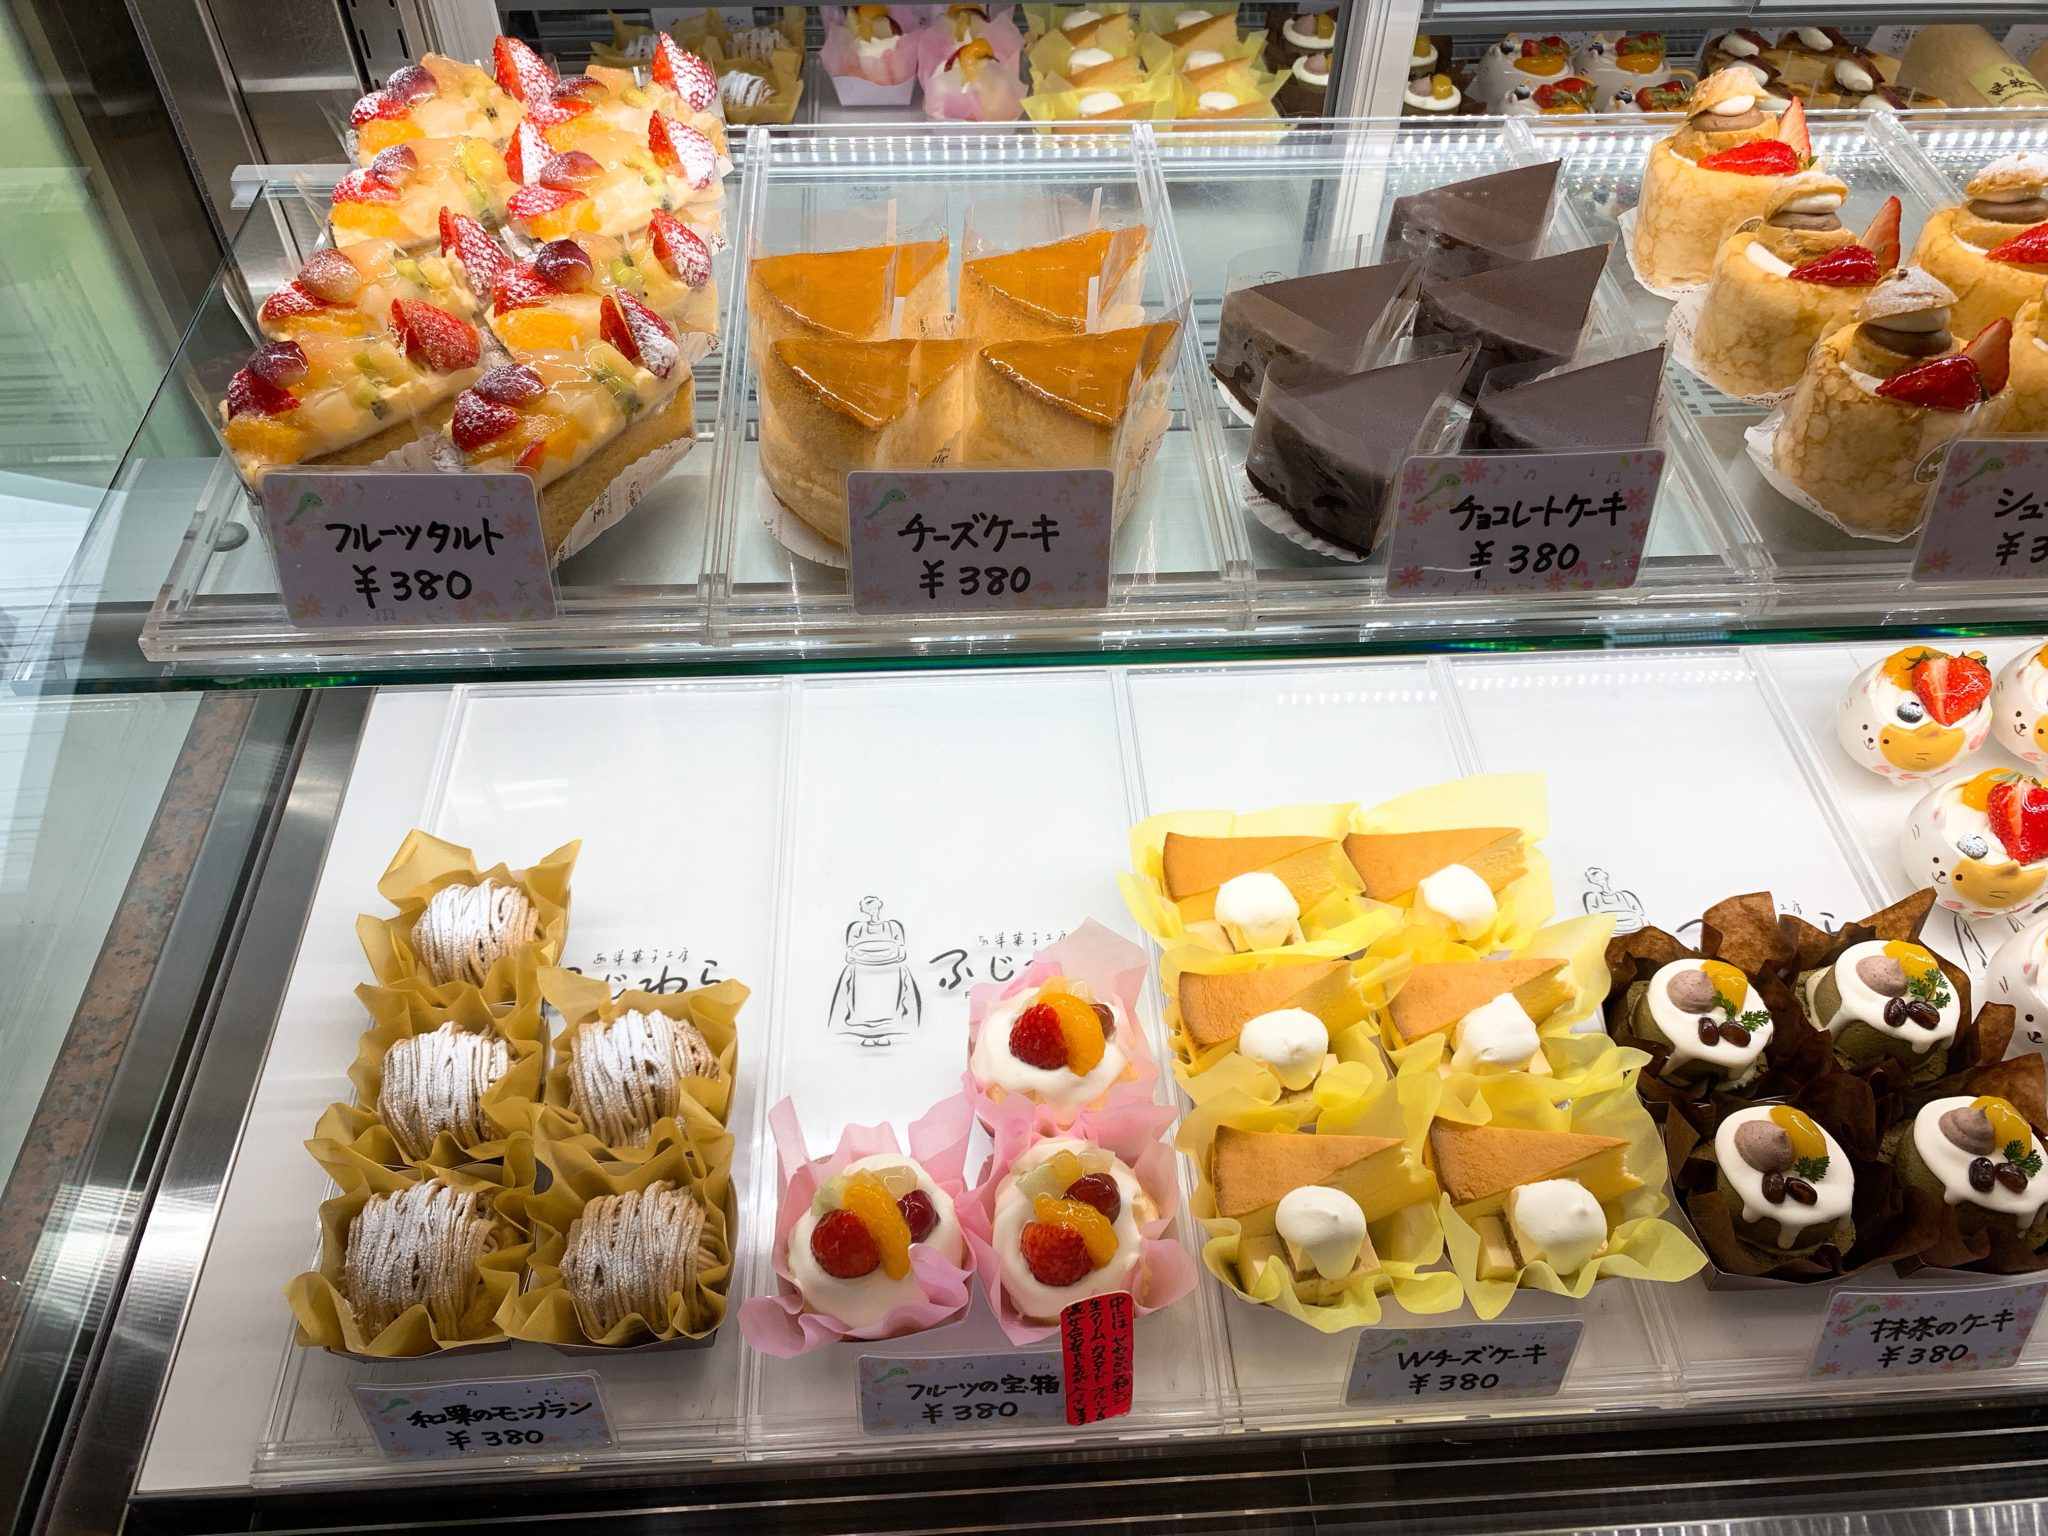 ふじわらのケーキ1